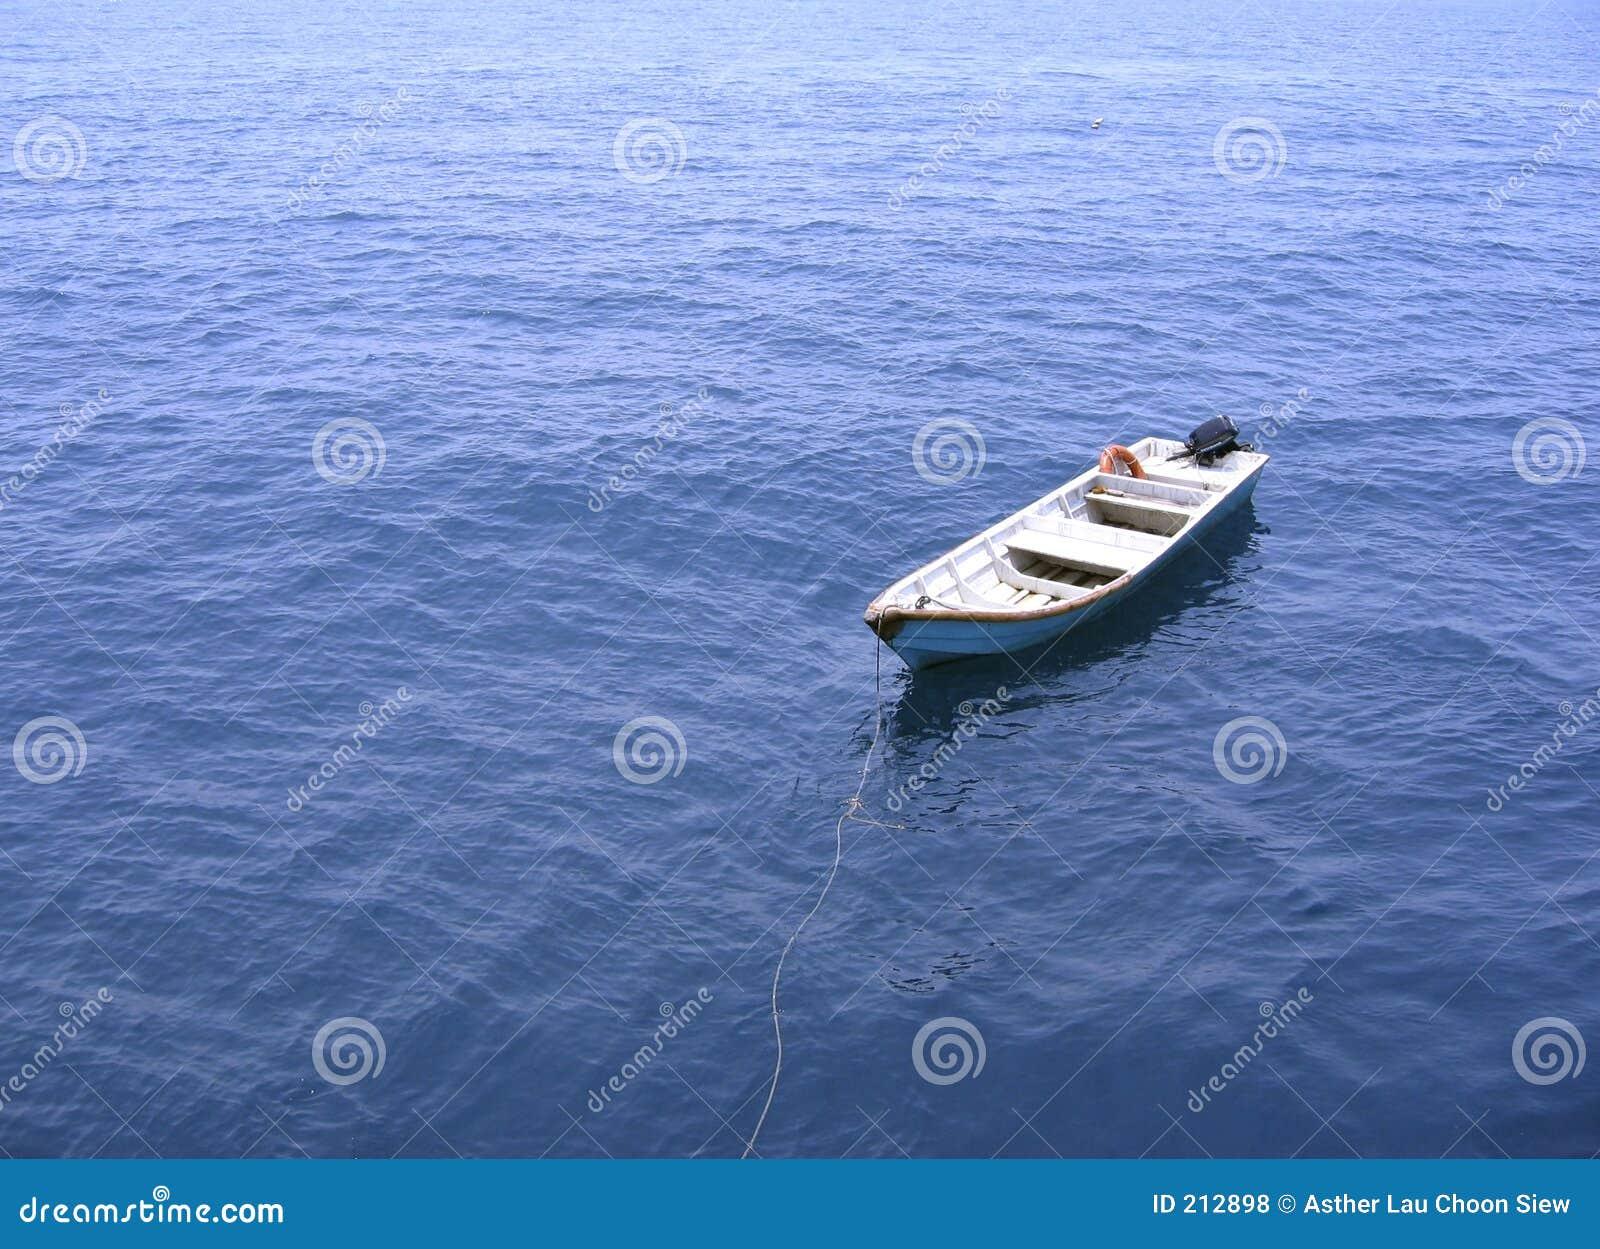 Ensam fartygeftersläckare